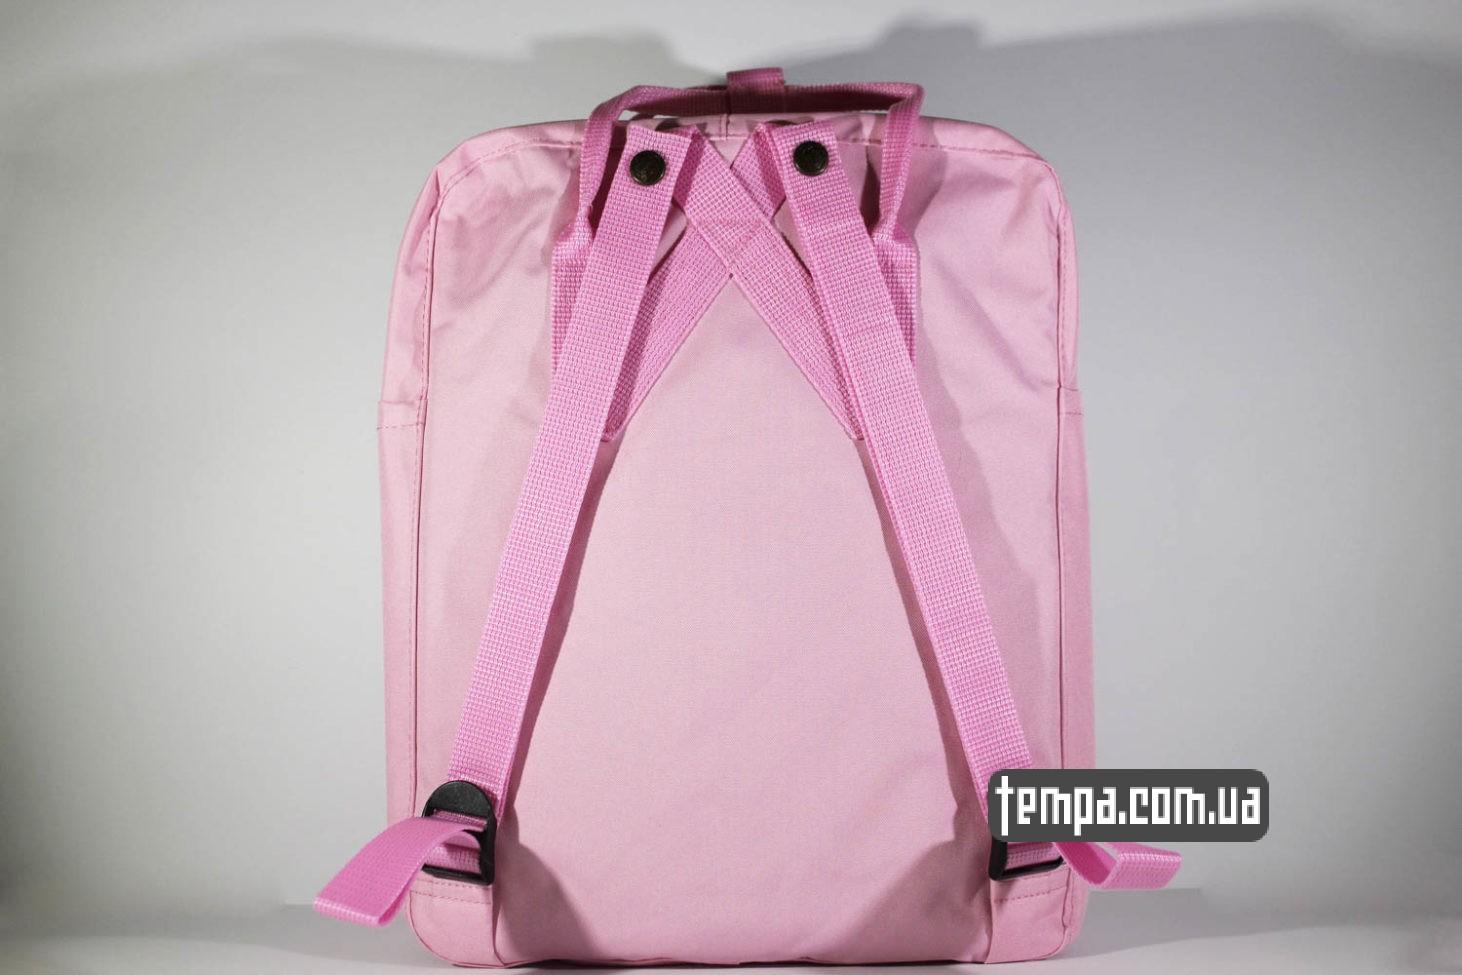 купить Украина розовый рюкзак рюкзак Kånken — Fjällräven розовый яркий купить Украина